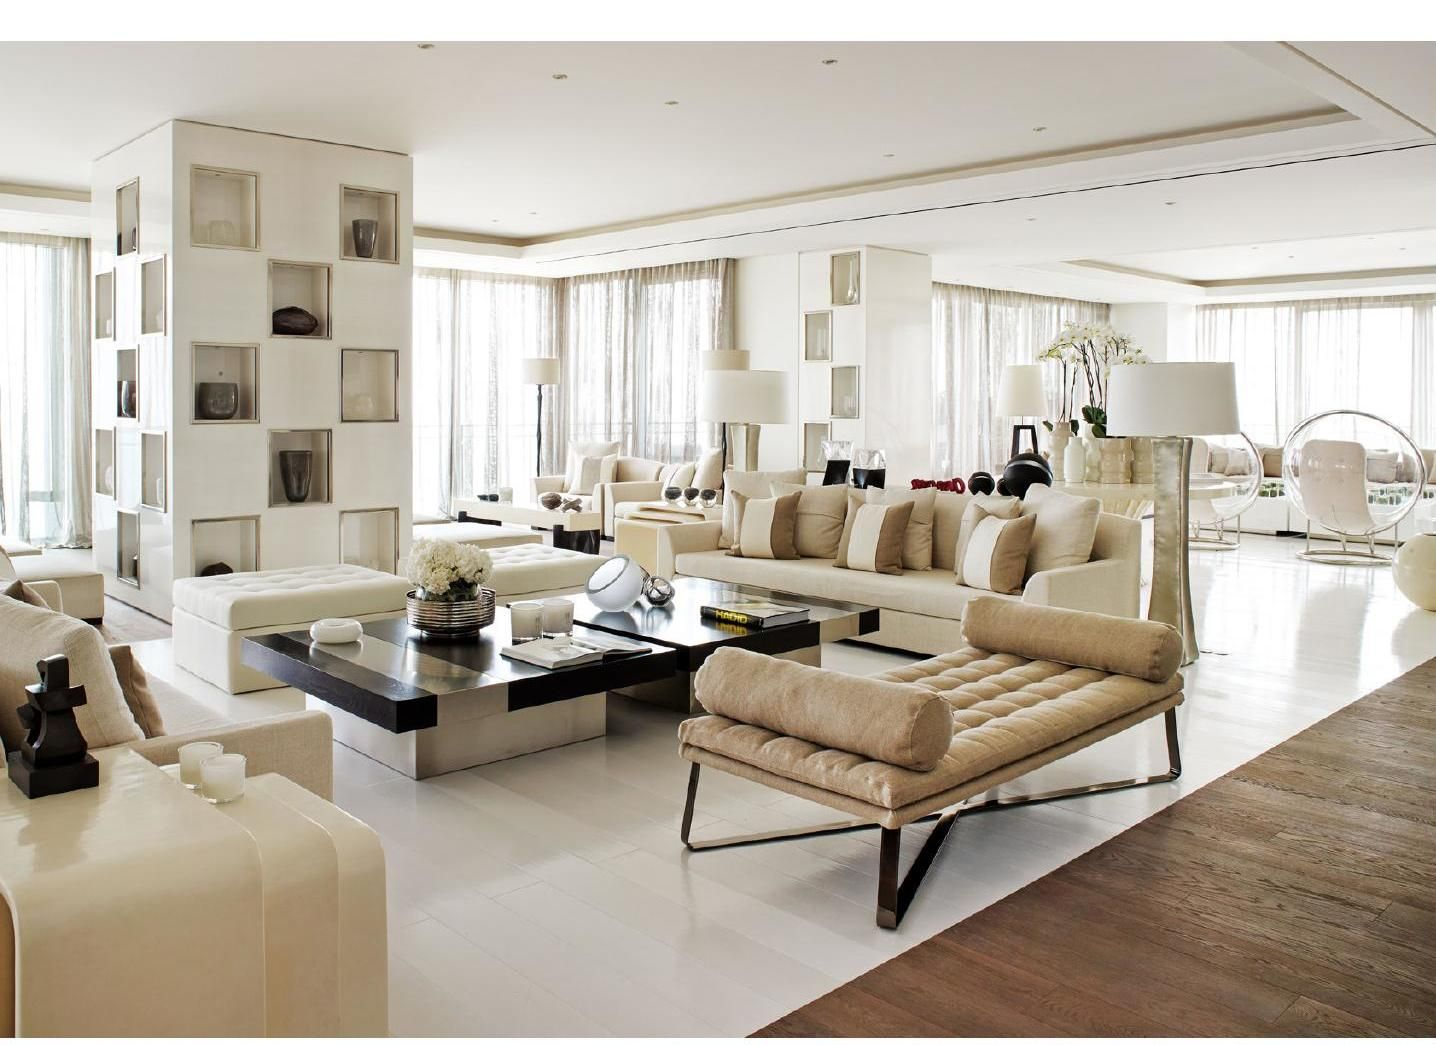 ClippedOnIssuu from Cheshire Luxury Homes u0026 Interiors